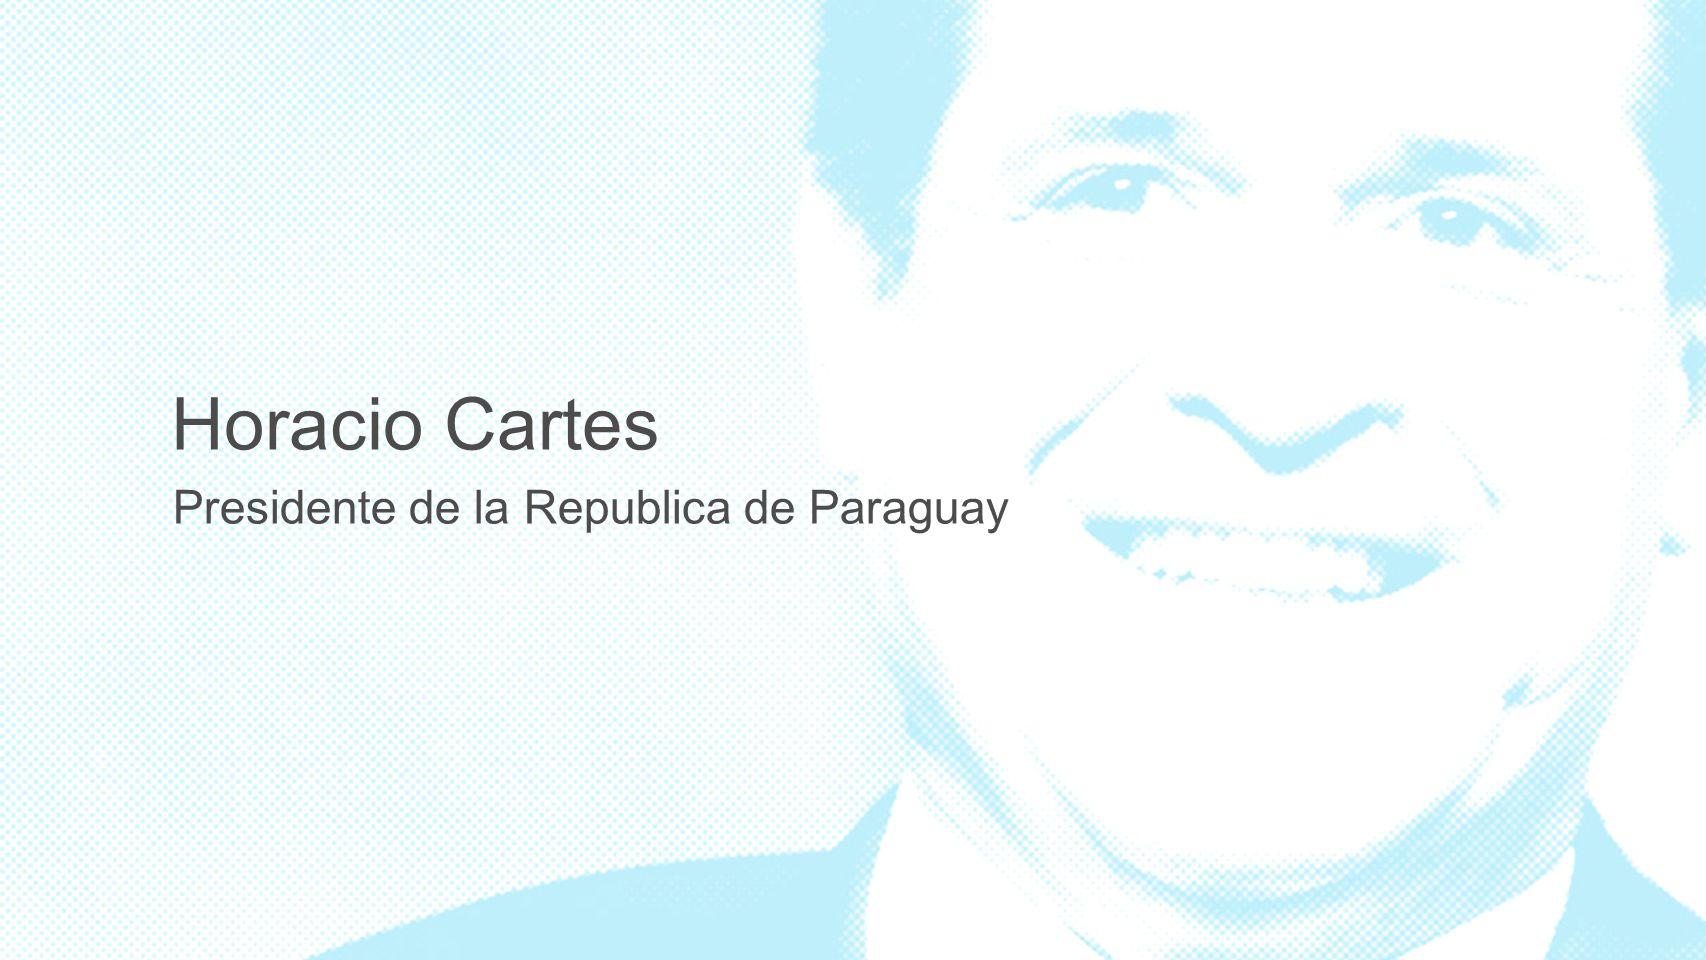 Presidente de la Republica de Paraguay Horacio Cartes